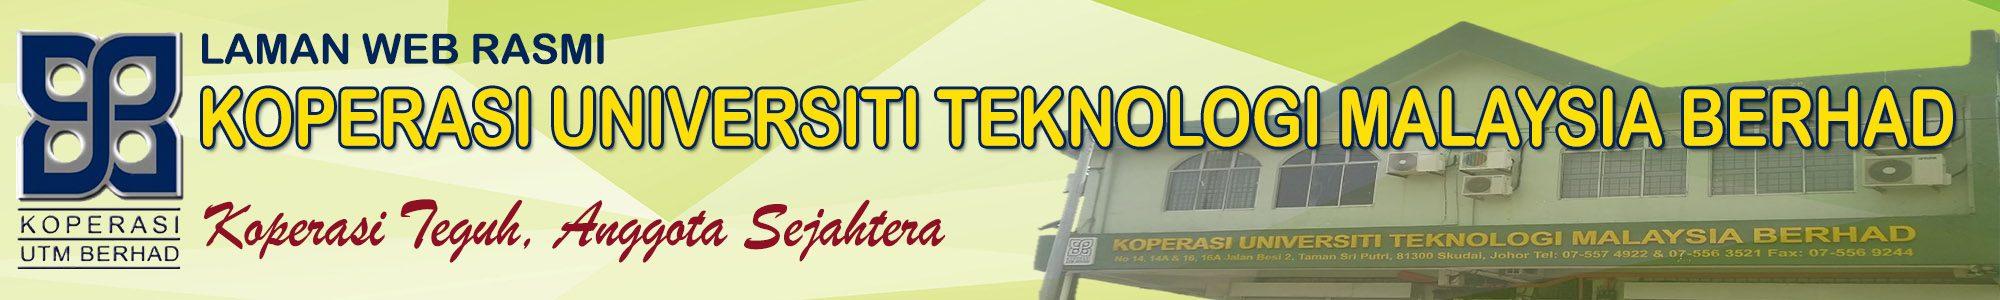 Koperasi UTM Berhad